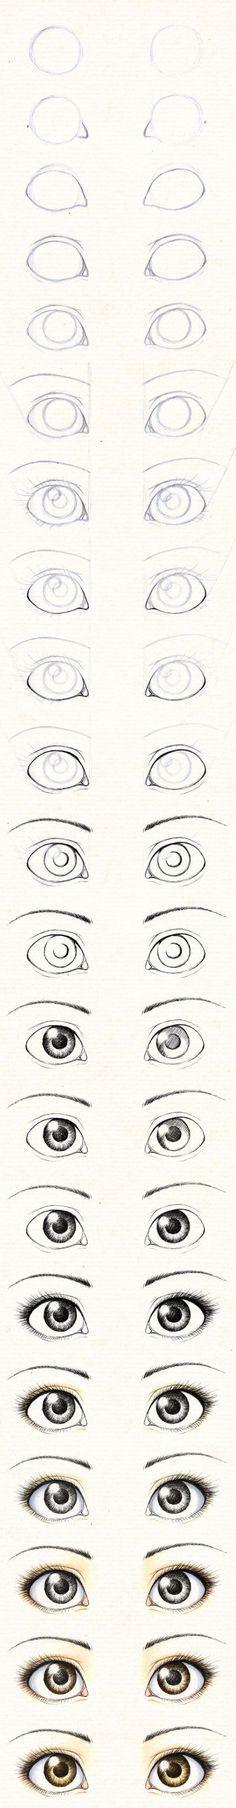 guia para pintar ojos realistas